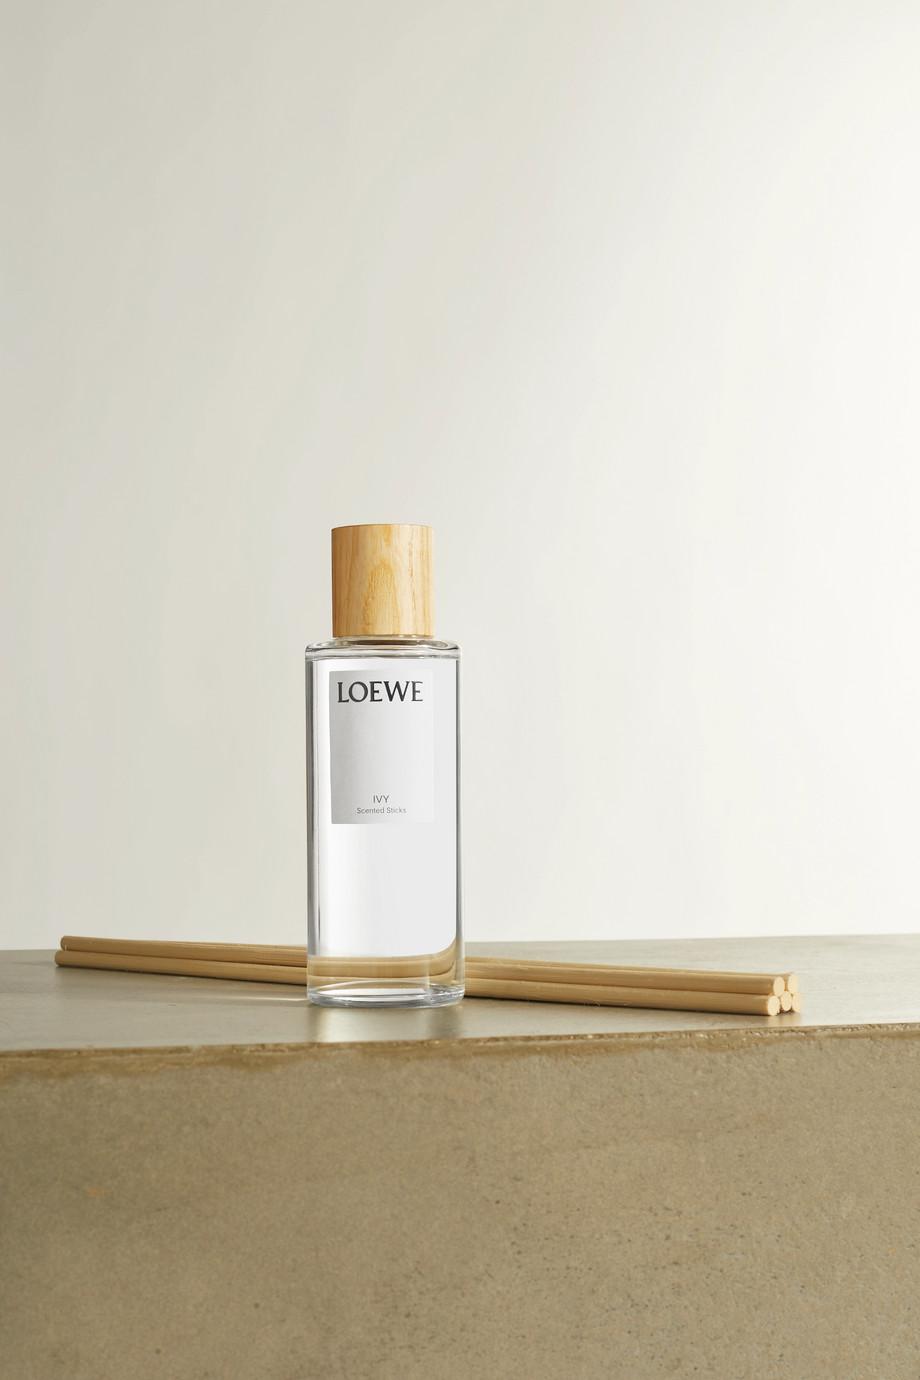 LOEWE Home Scents Recharge pour diffuseur de parfum au lierre, 245 ml